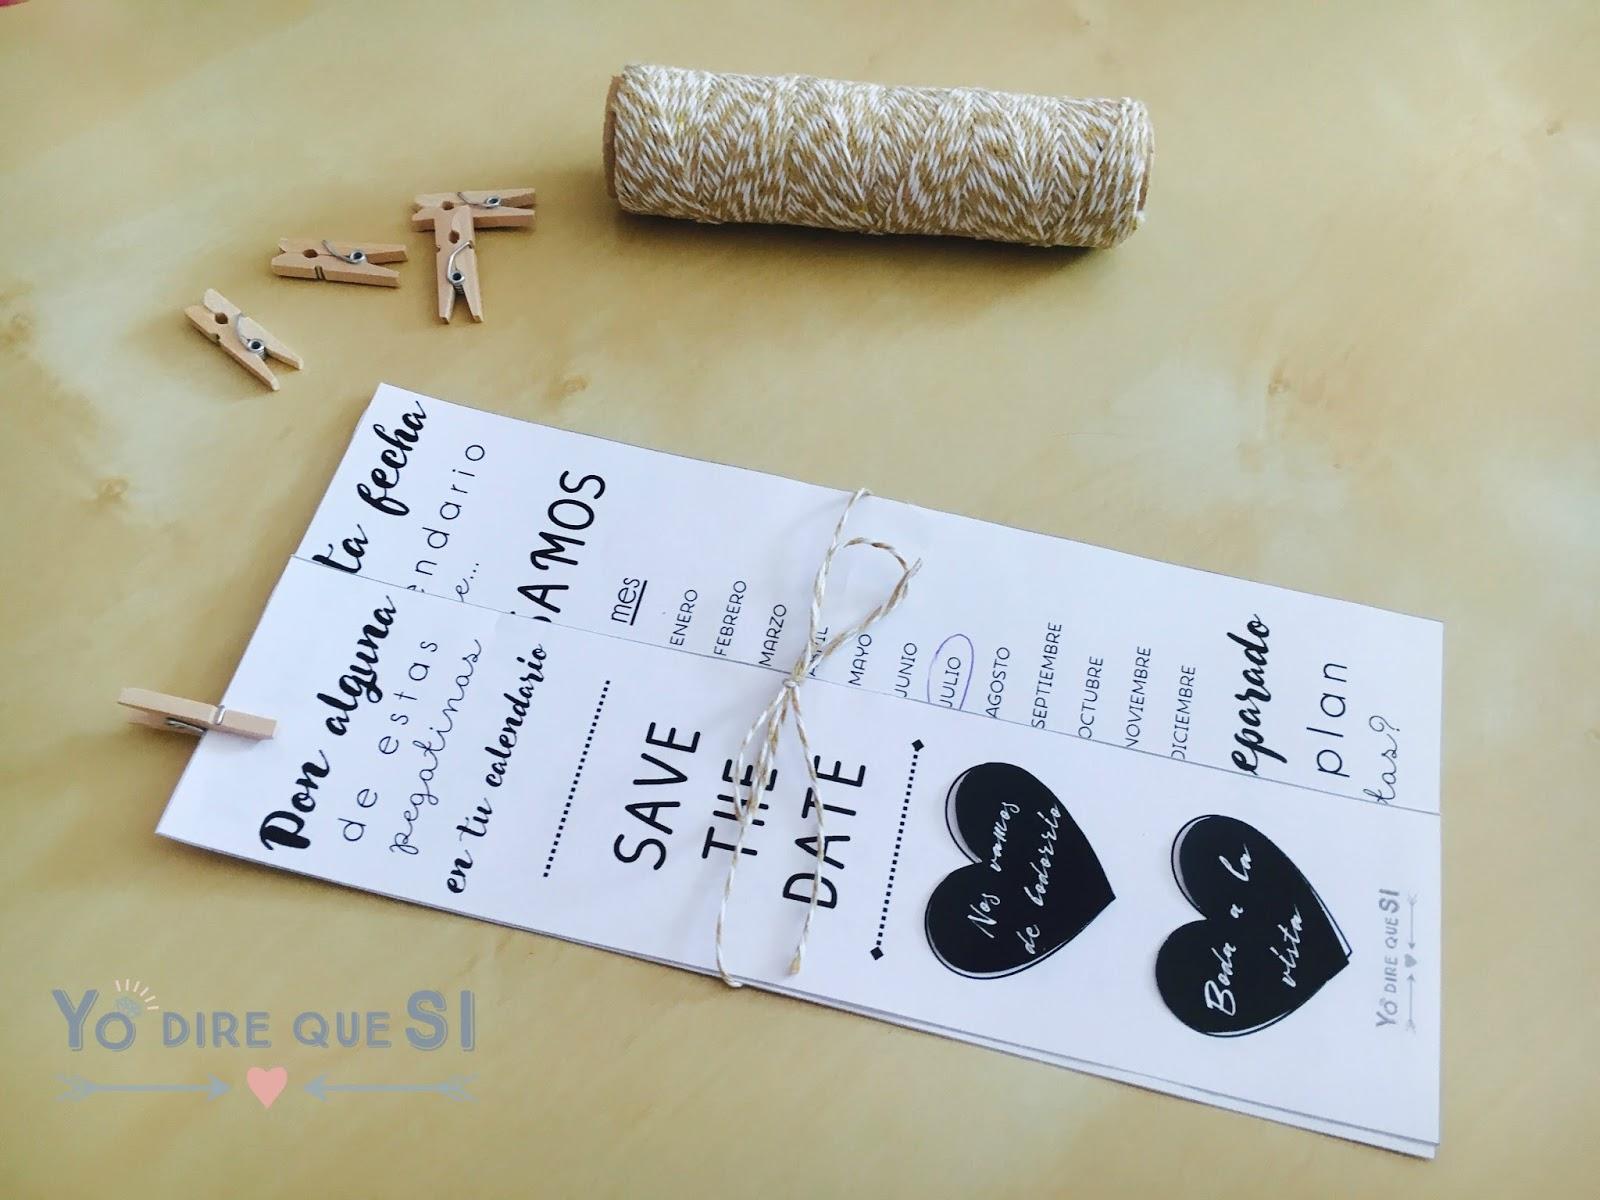 Blog de bodas - Yo dire que si: Save the Date para tu boda ...